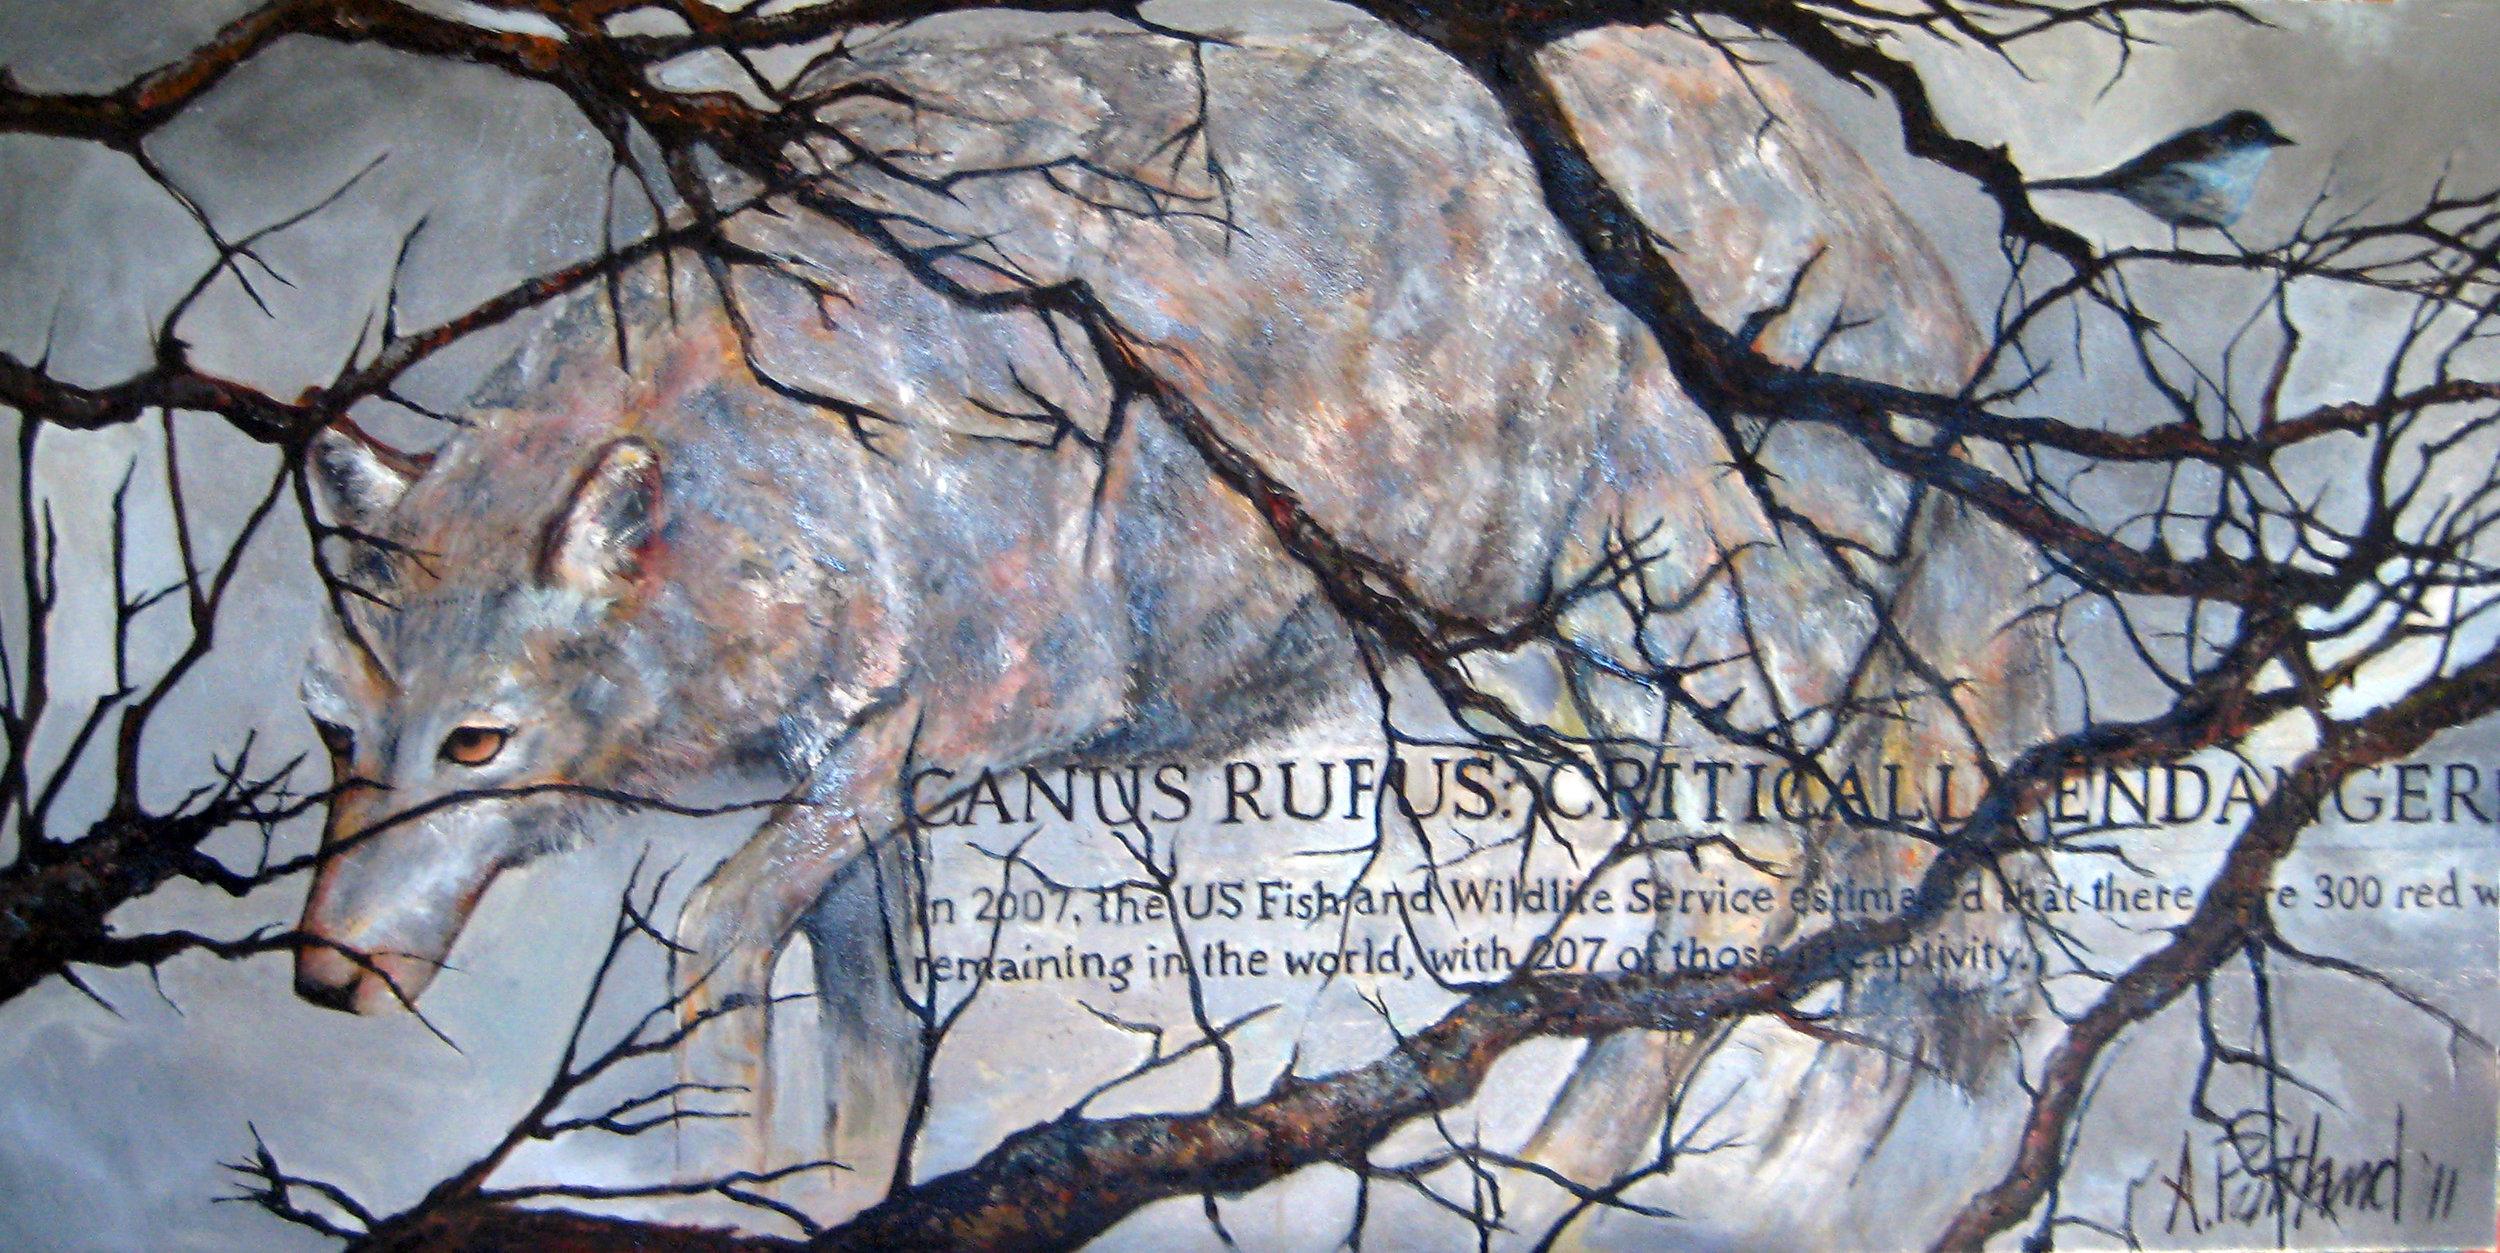 Canus Rufus